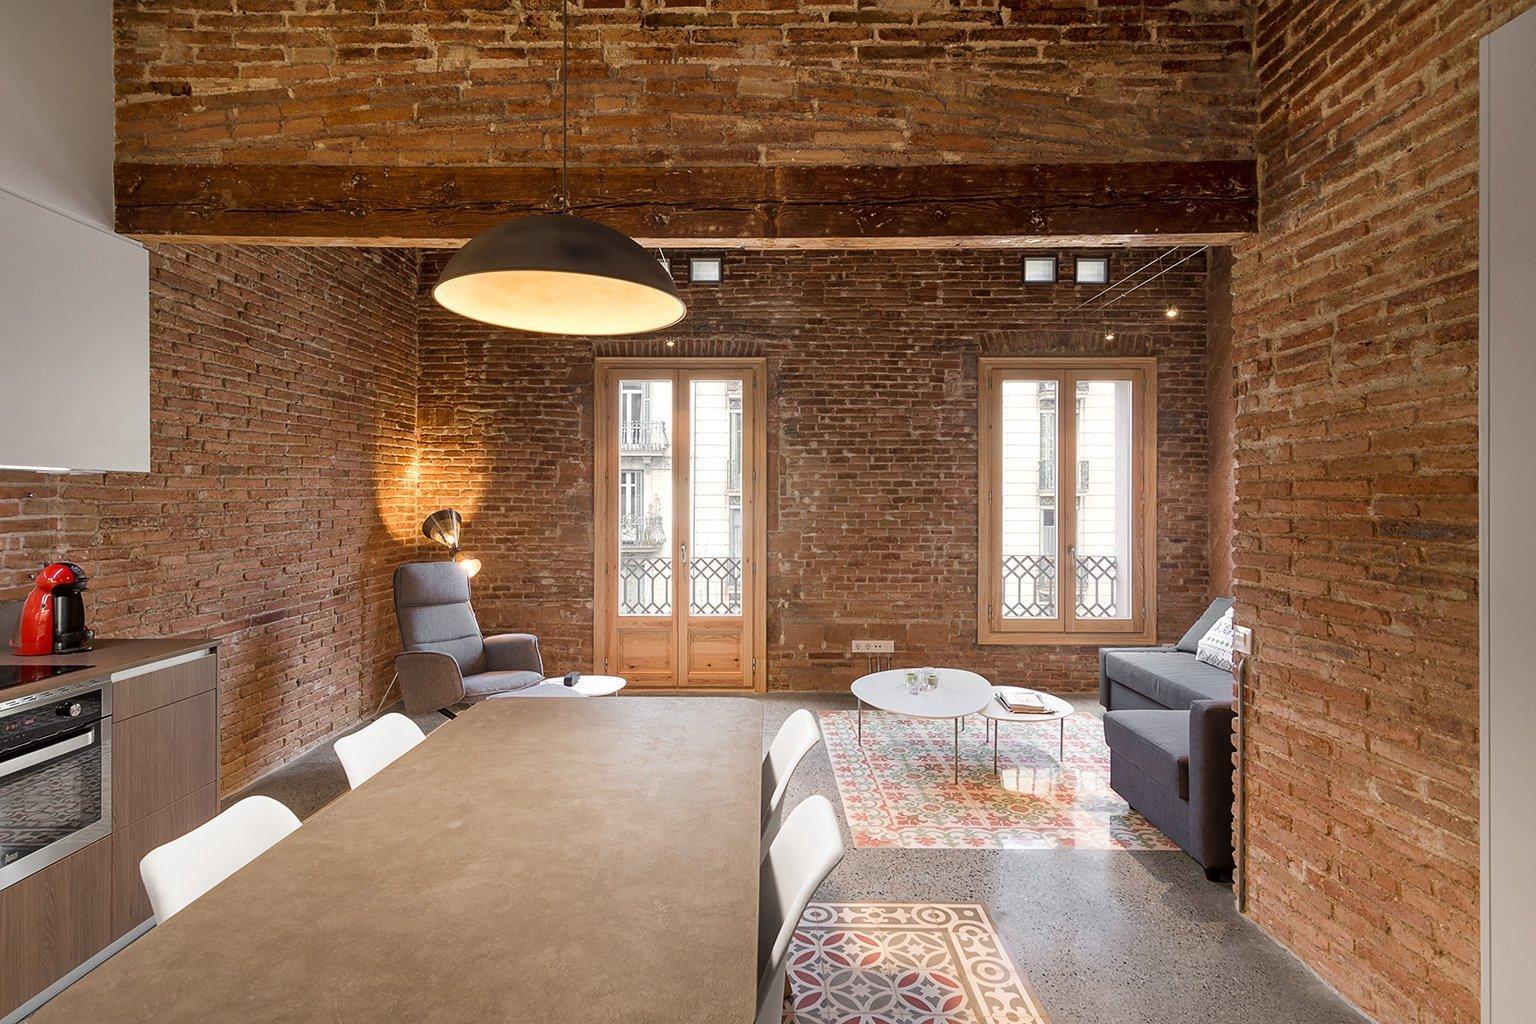 Byt z roku 1875, v temperamentní Barceloně, ukrýval úžasný poklad. Při rekonstrukci v 80. letech 20. století v něm proběhly neodborné stavební úpravy, při kterých byly zakryty nejen trámy na stropě, ale též překrásná katalánská ručně malovaná dlažba. Tu se podařilo šetrně očistit, zrenovovat a nyní zdobí nově přestavěné bydlení.